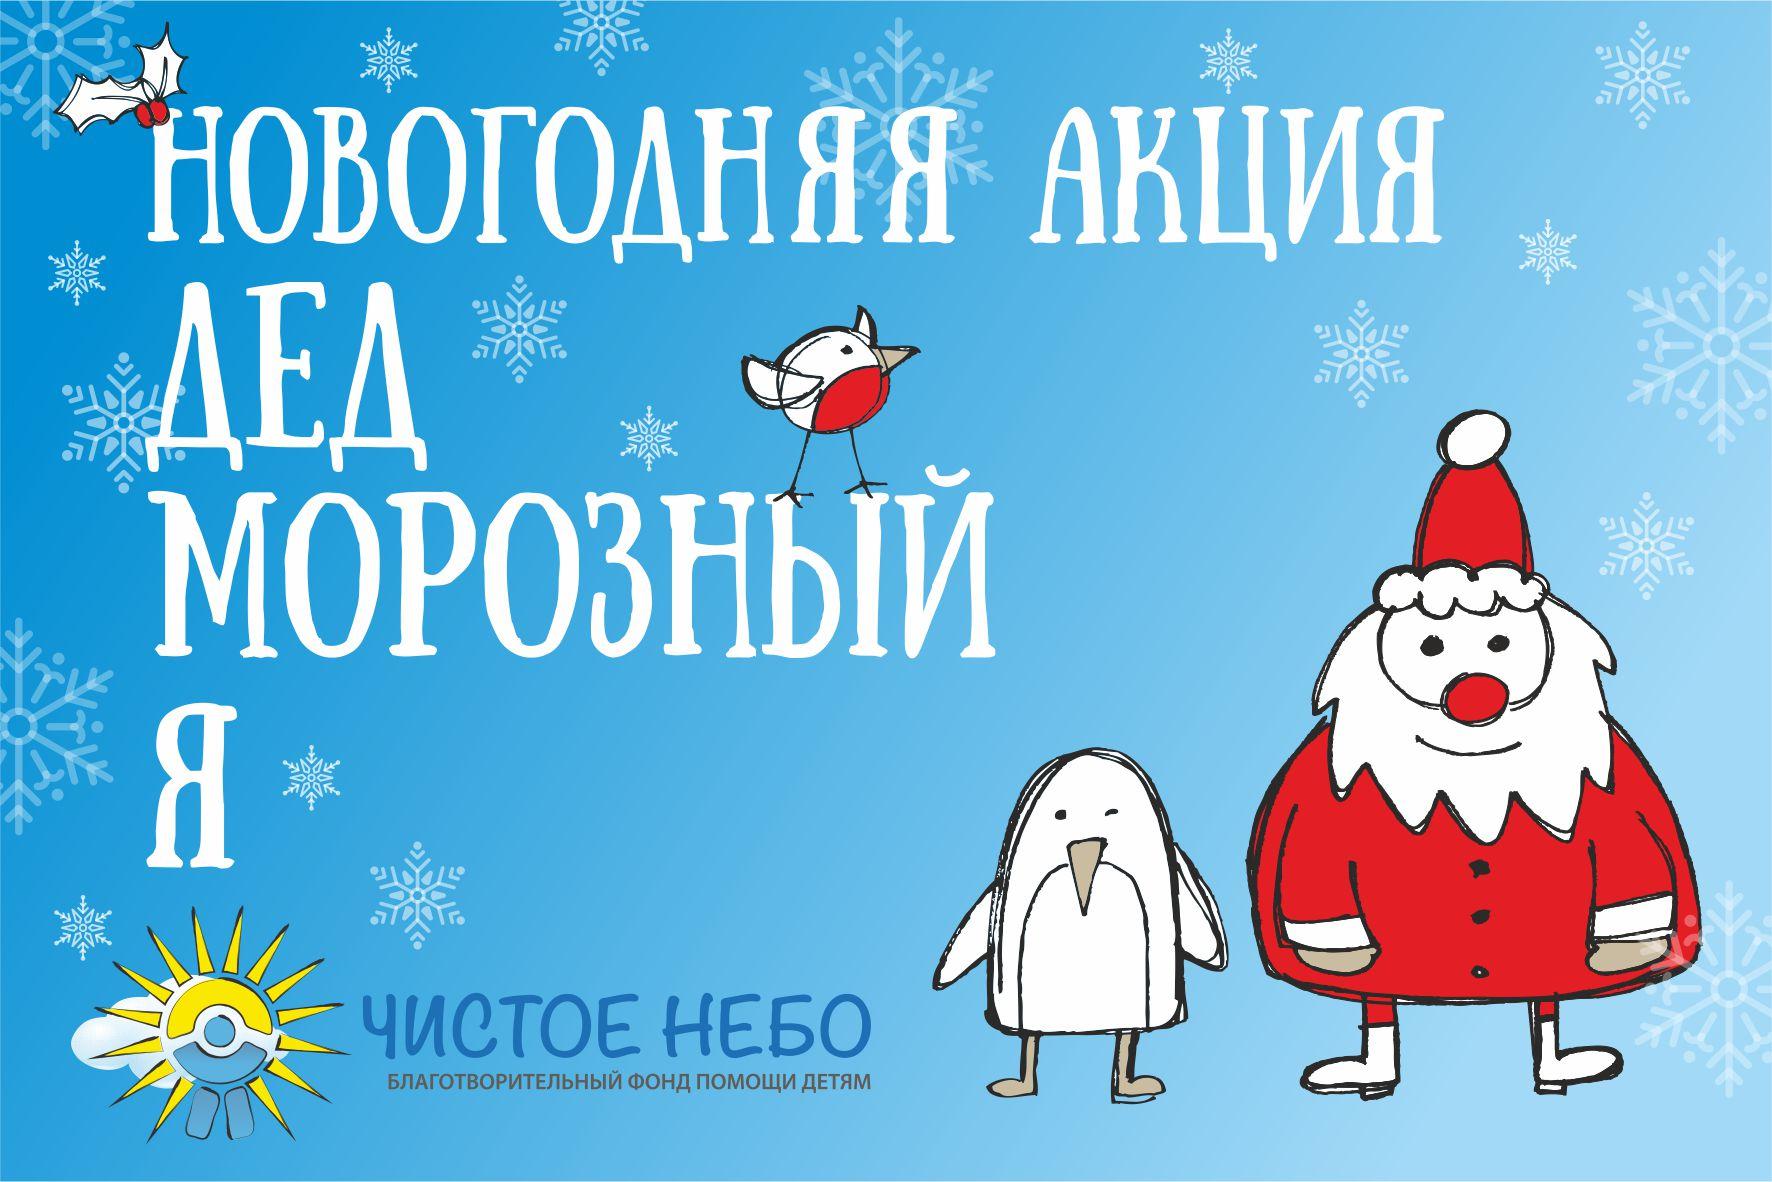 #ДедМорозныйЯ2019